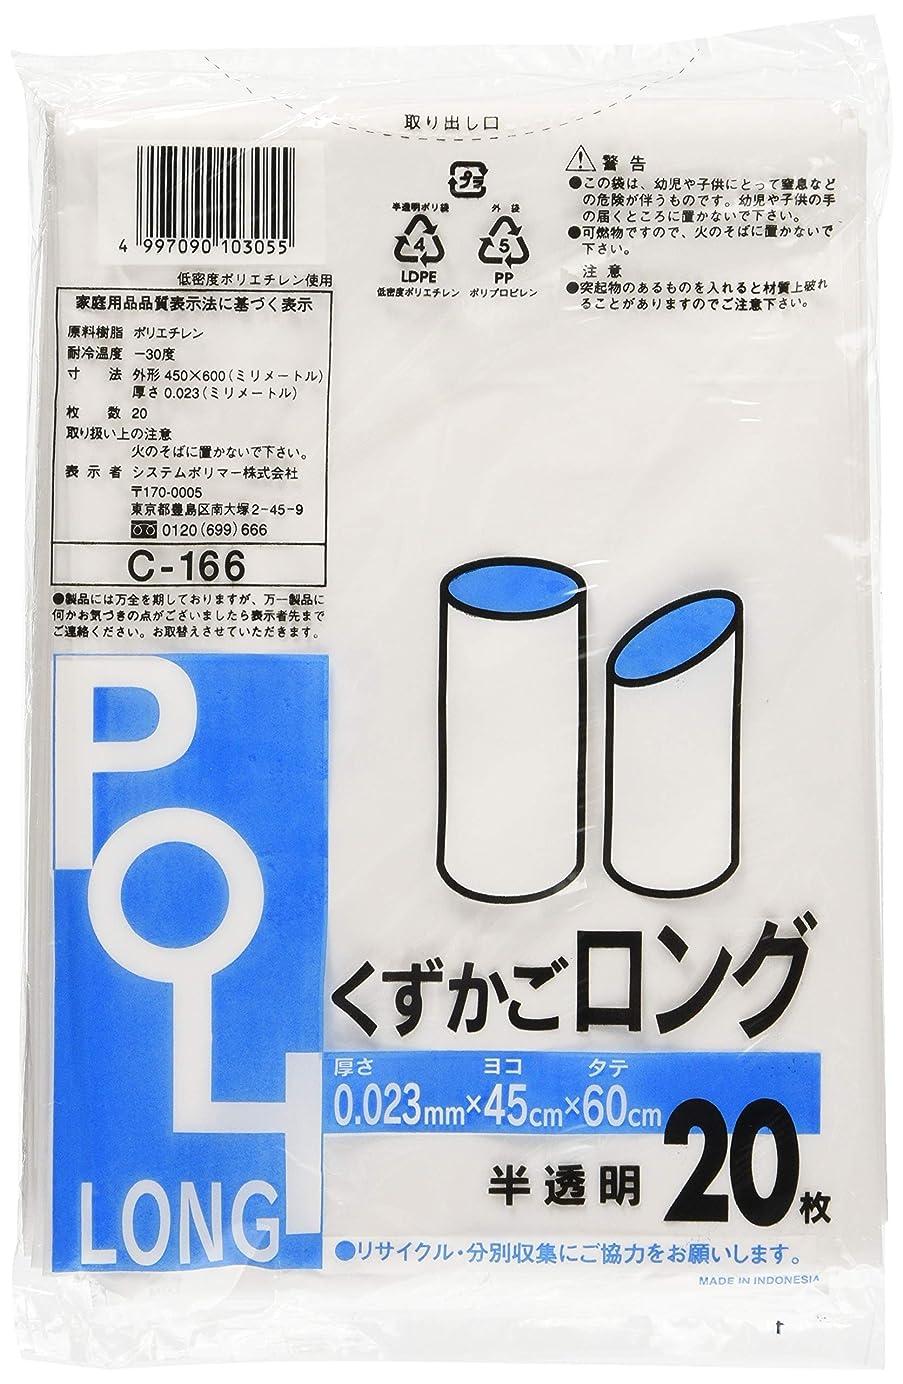 ニンニク一貫したピラミッドシステムポリマー ポリ袋 ゴミ箱用 半透明 横45×縦60cm 厚さ0.023mm くずかご ロング 缶用 ゴミ袋 C-166 20枚入